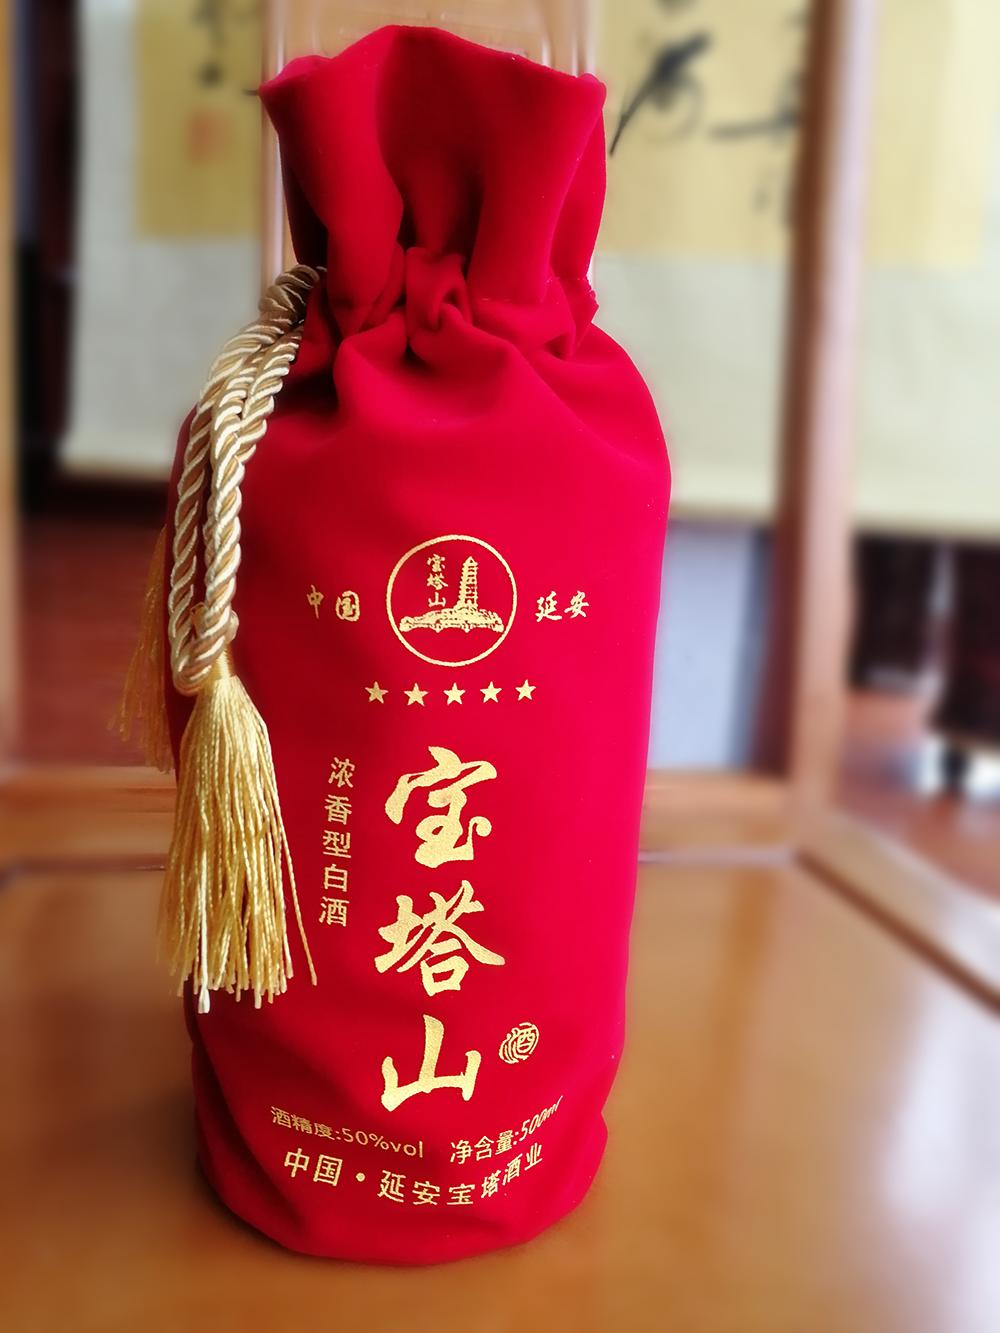 雷竞技app官网入口山酒系列2